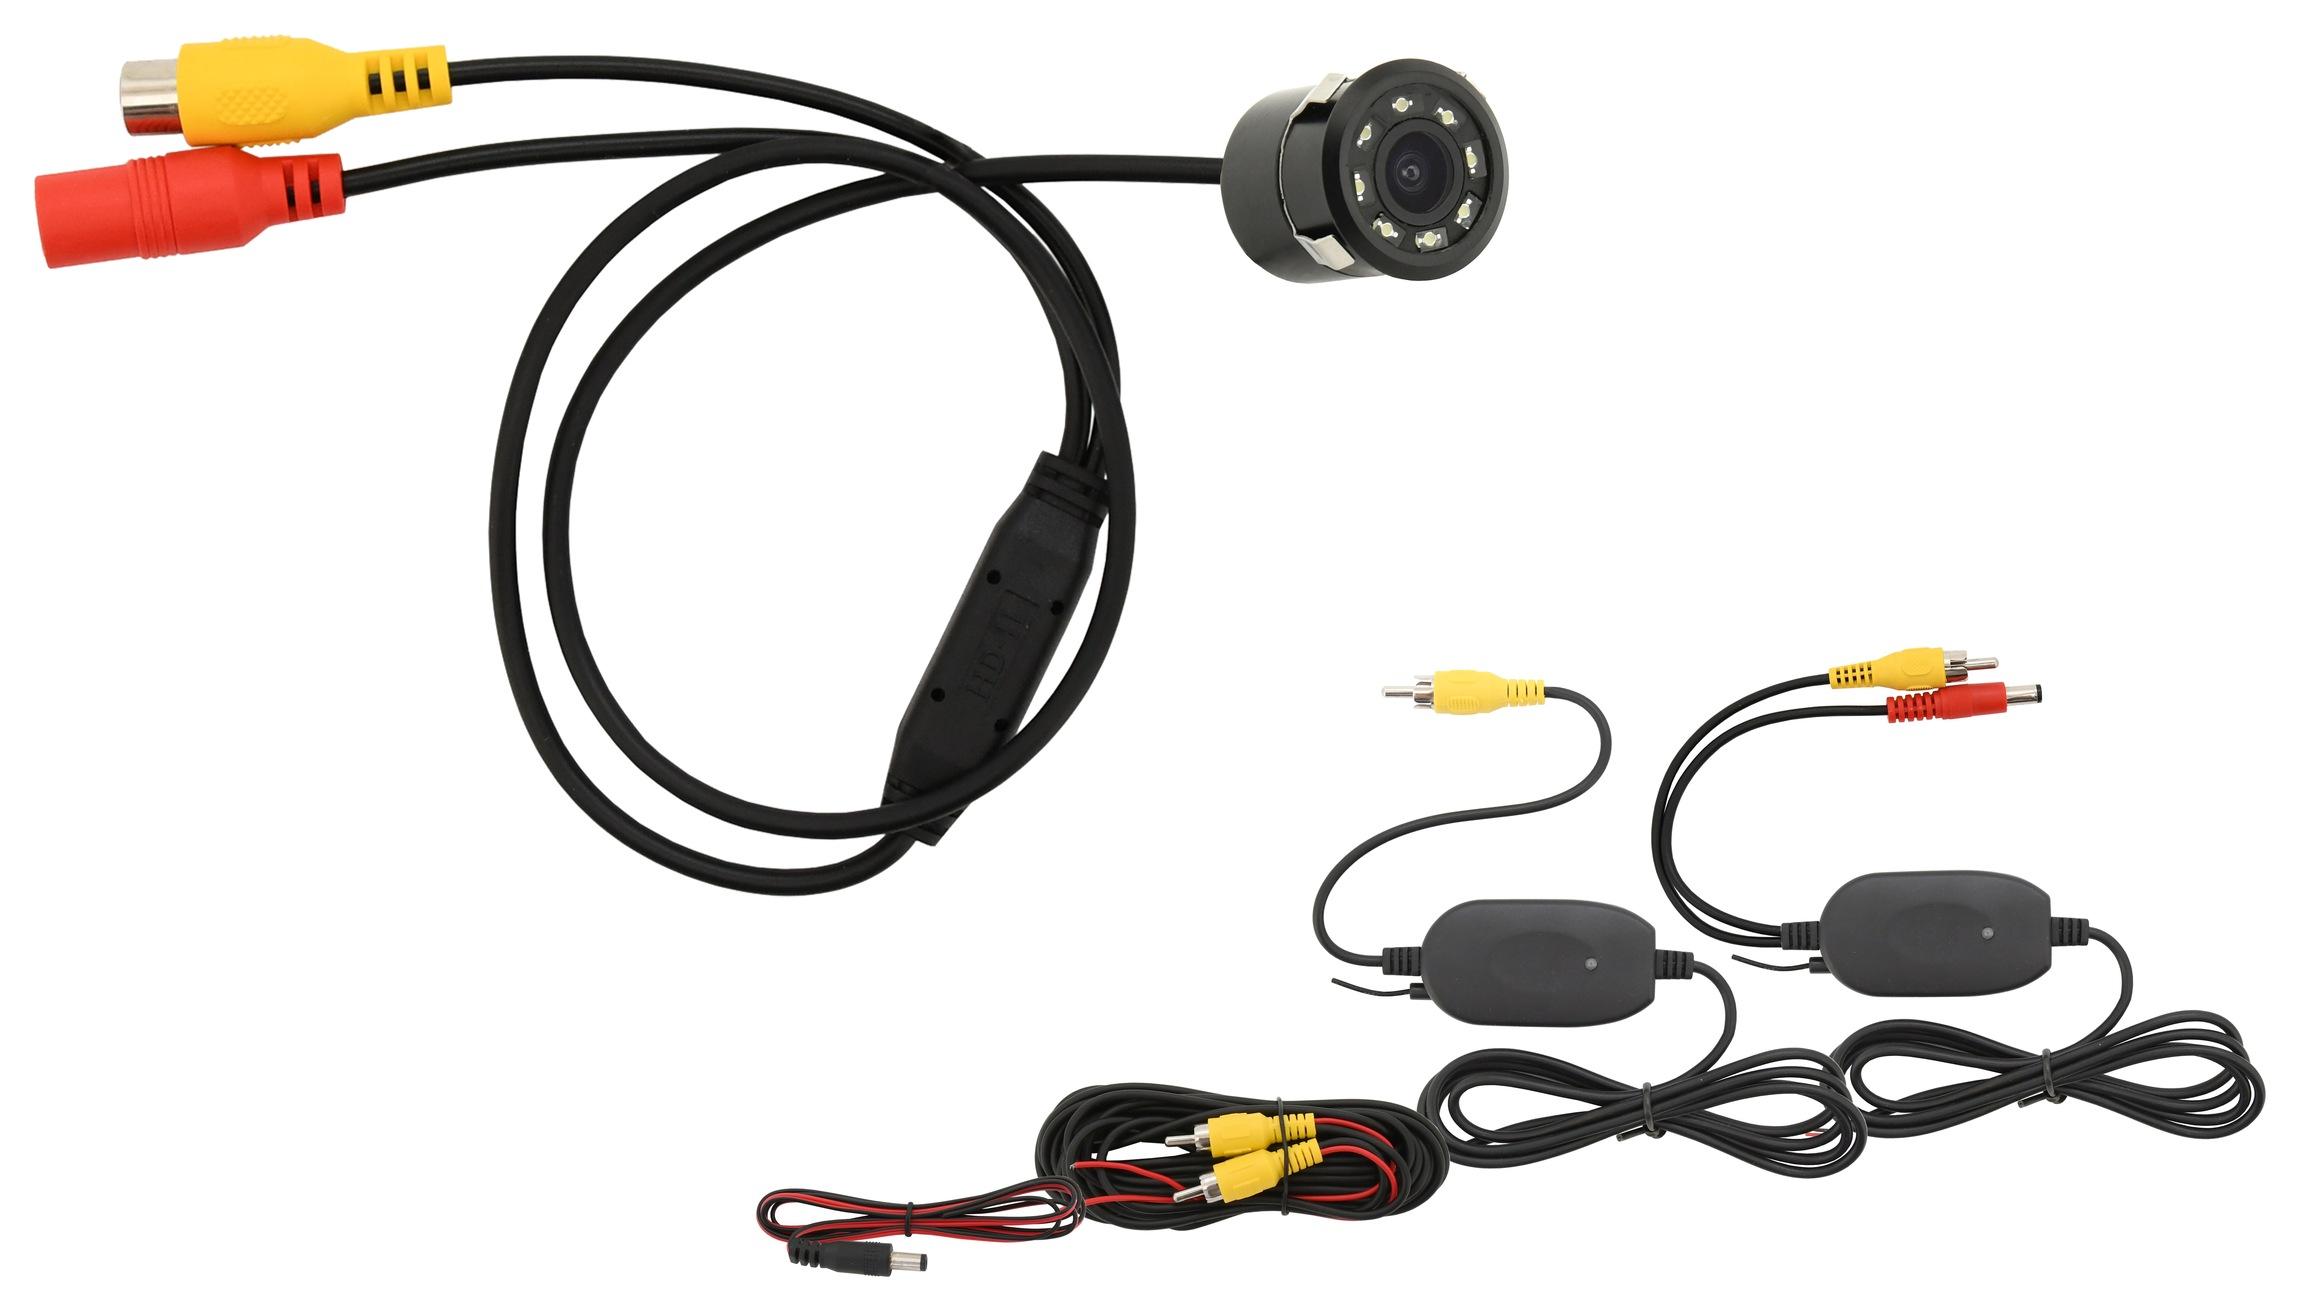 Parkovací kamera INSERT bezdrátová s LED přísvitem, 33592